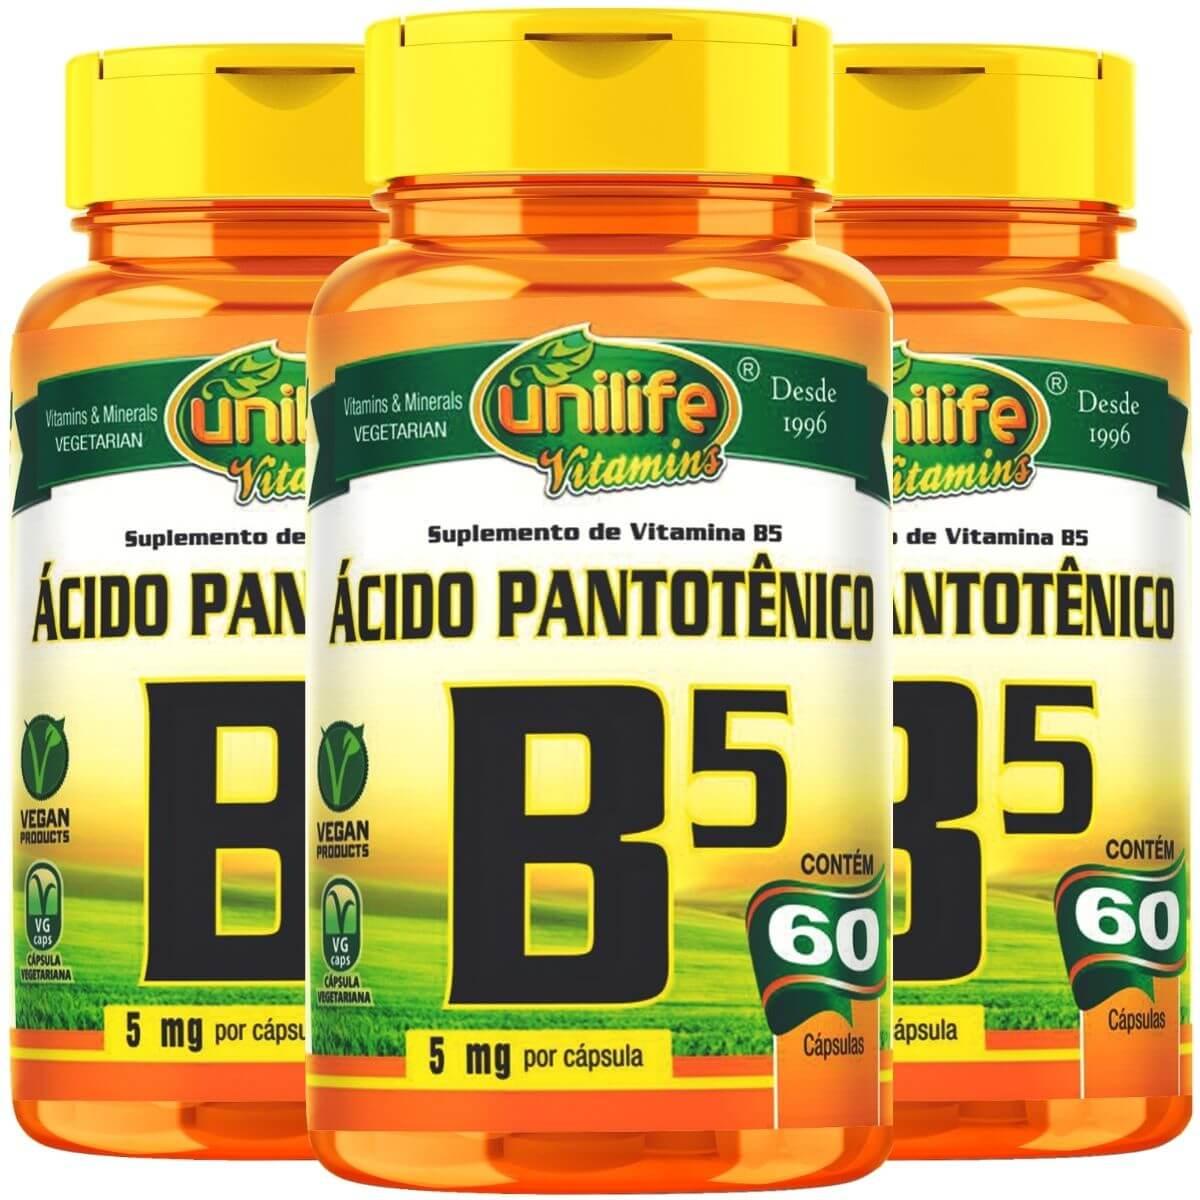 Kit 3 Vitamina B5 Ácido Pantotênico - Unilife 60 Cáps